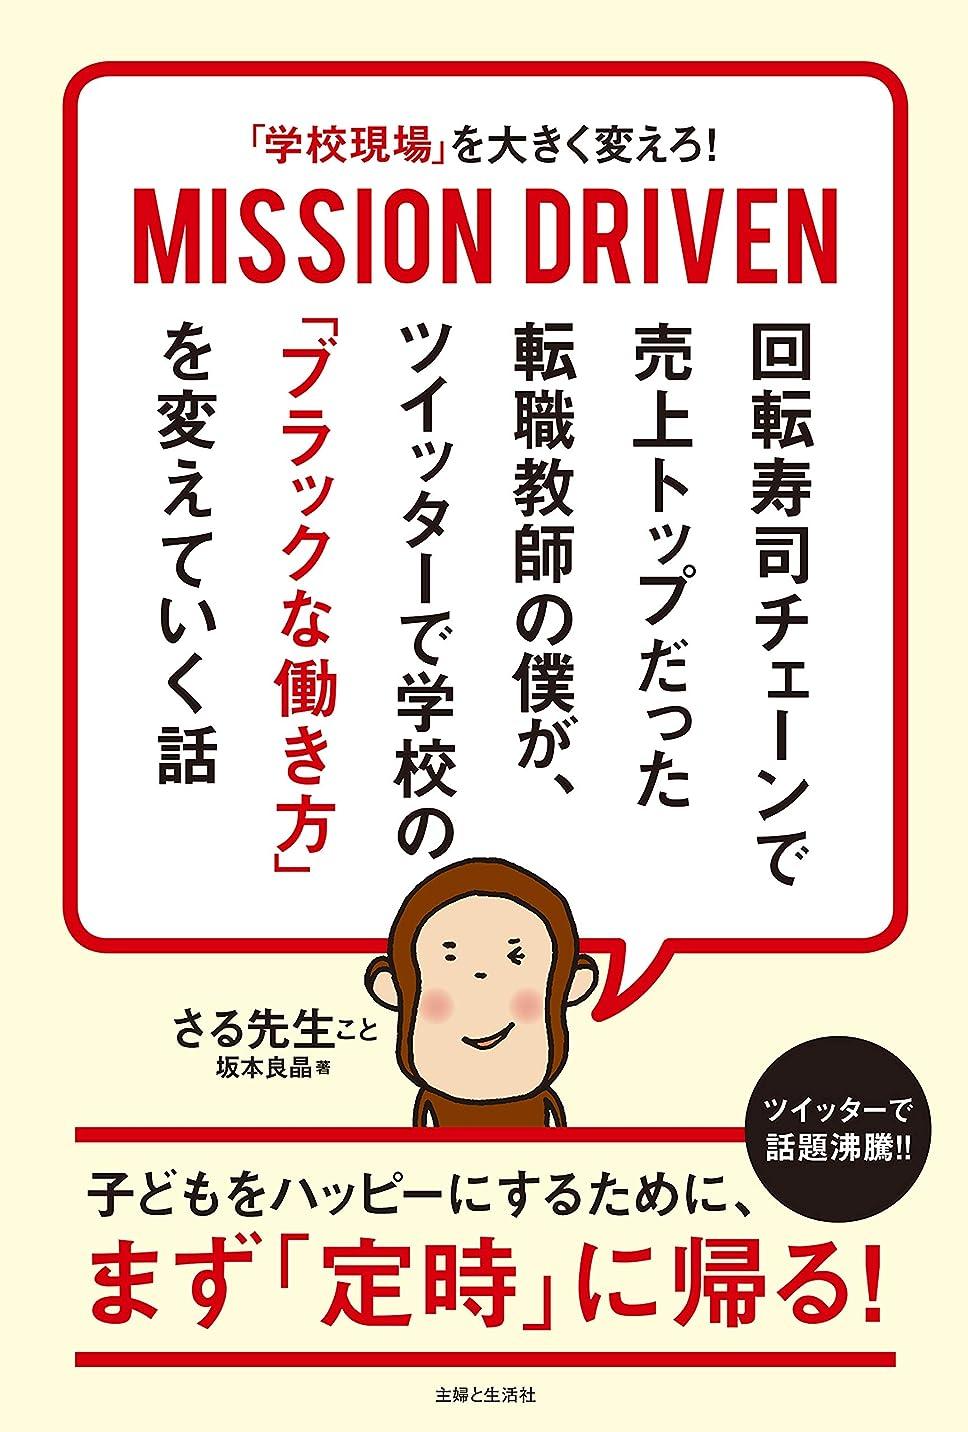 無プラスコントラスト「学校現場」を大きく変えろ! MISSION DRIVEN 回転寿司チェーンで売上トップだった転職教師の僕が、 ツイッターで学校の「ブラックな働き方」を変えていく話